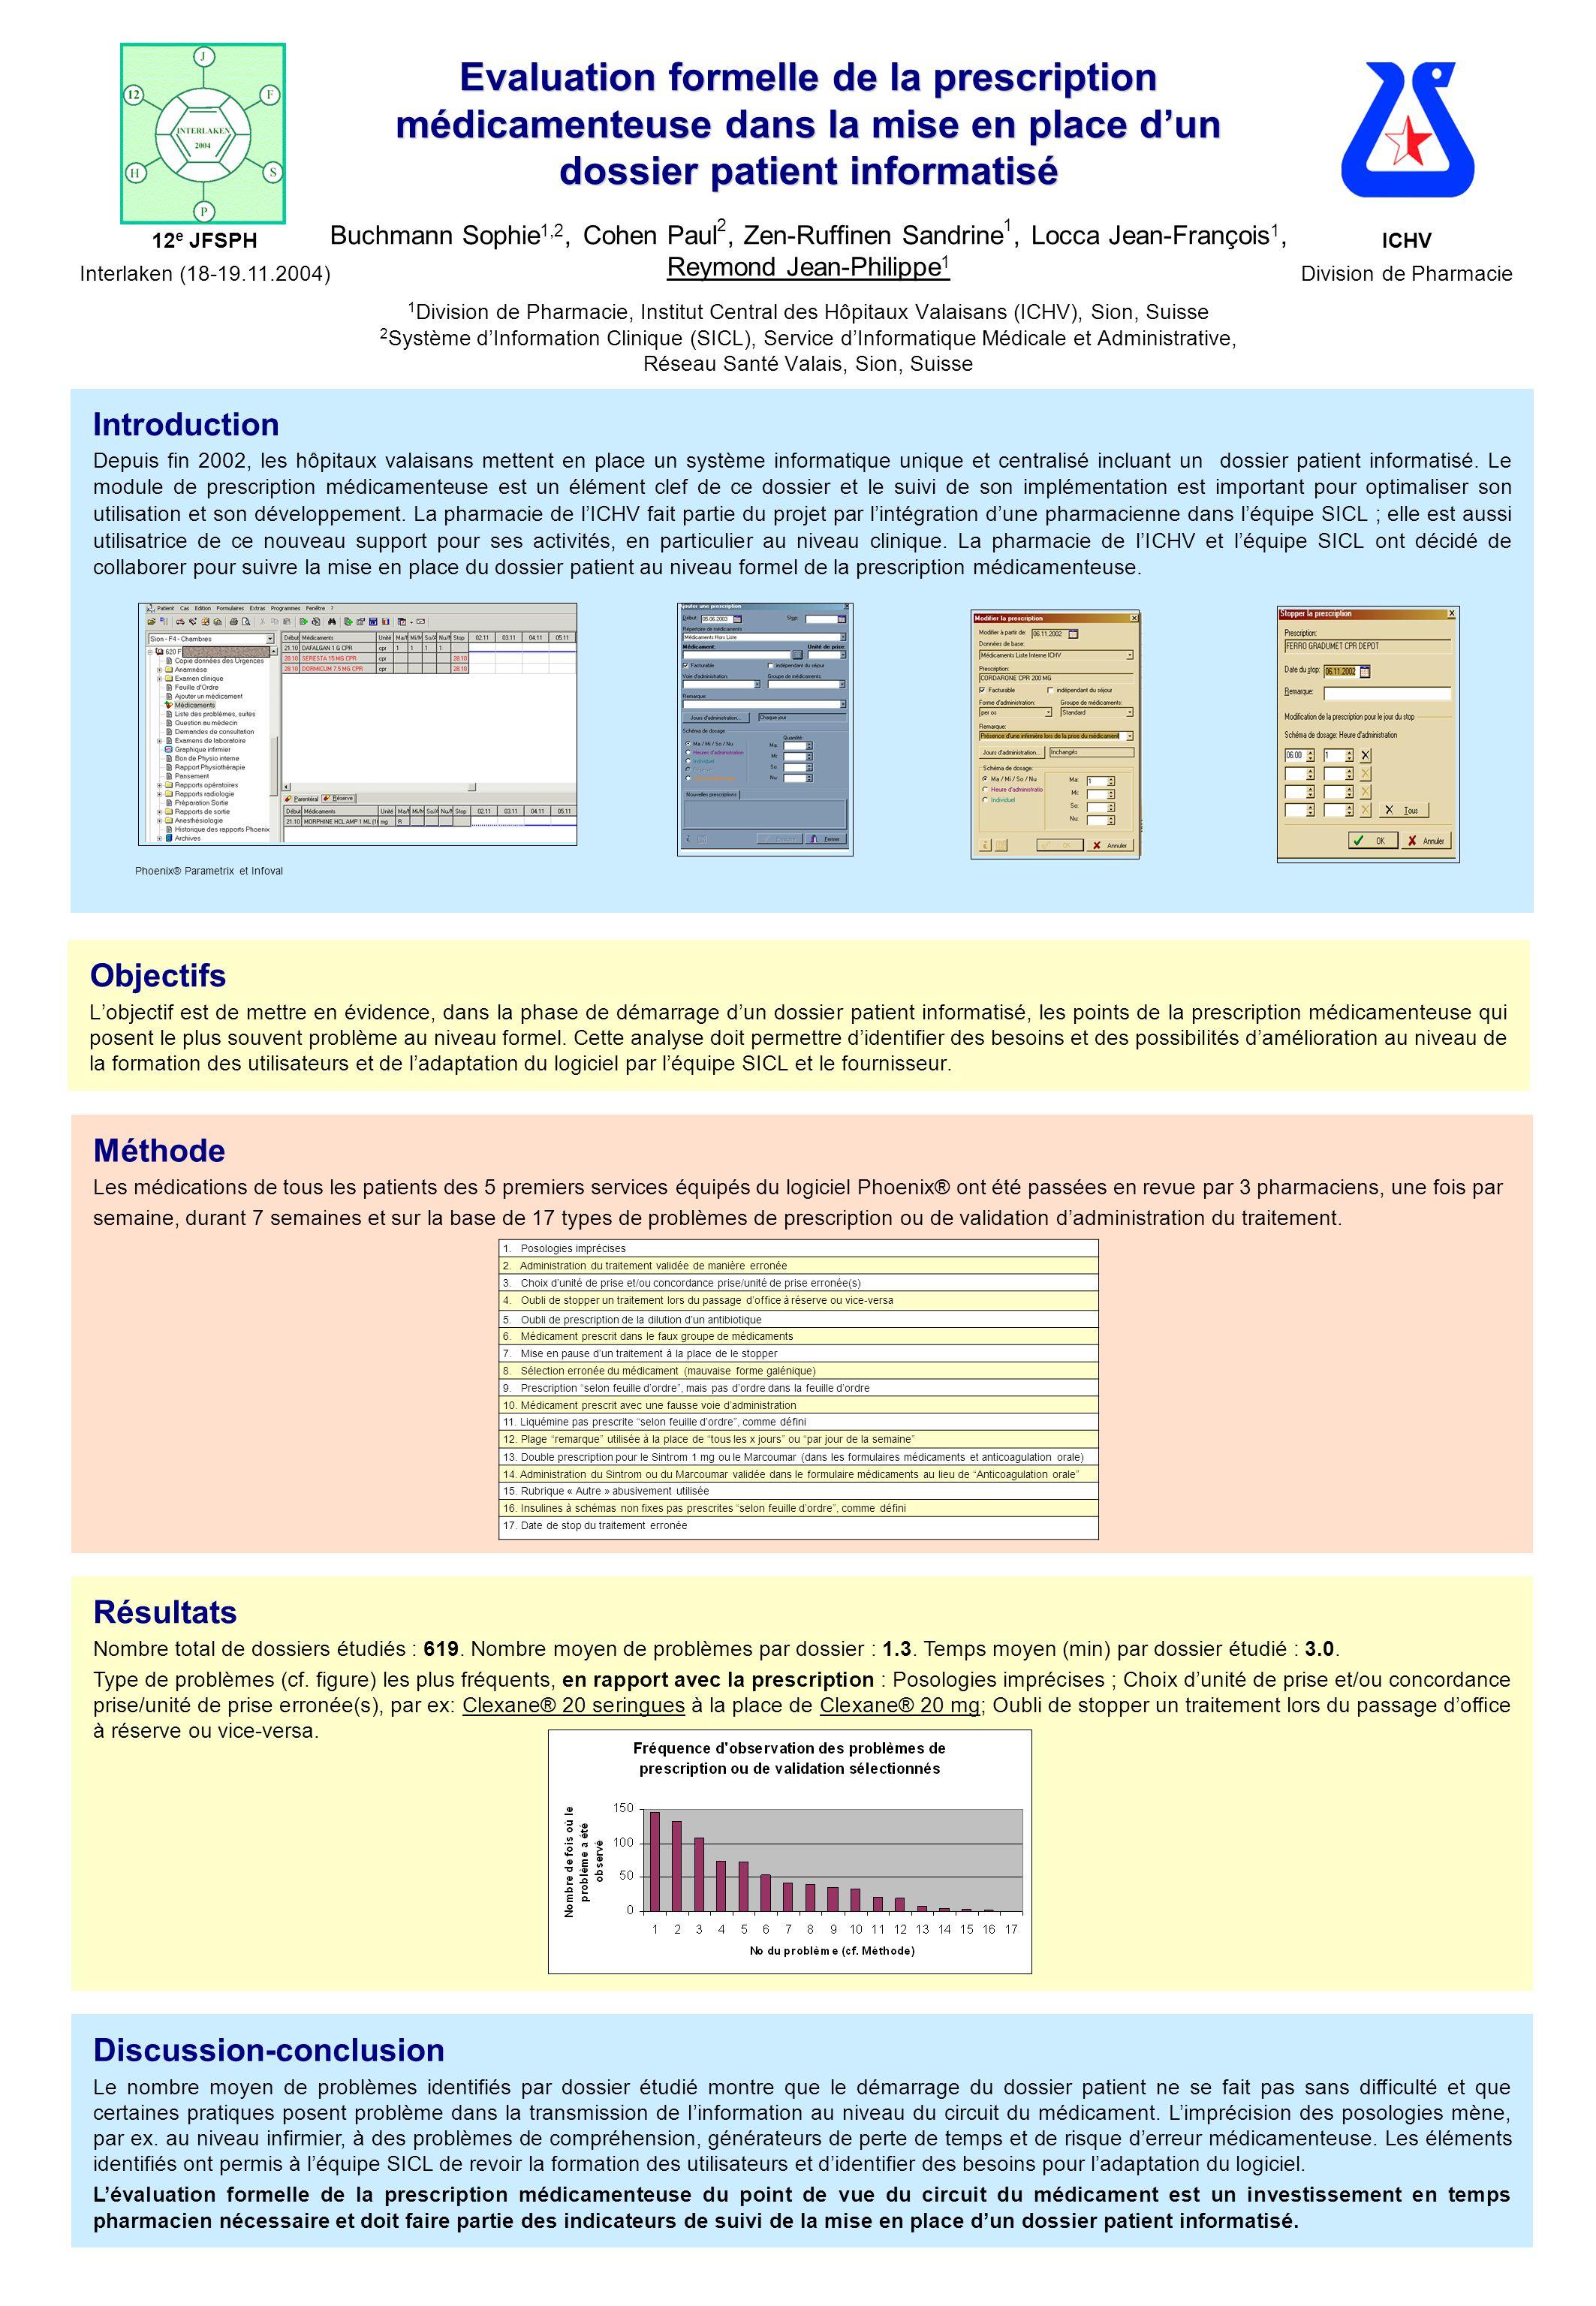 Méthode Les médications de tous les patients des 5 premiers services équipés du logiciel Phoenix® ont été passées en revue par 3 pharmaciens, une fois